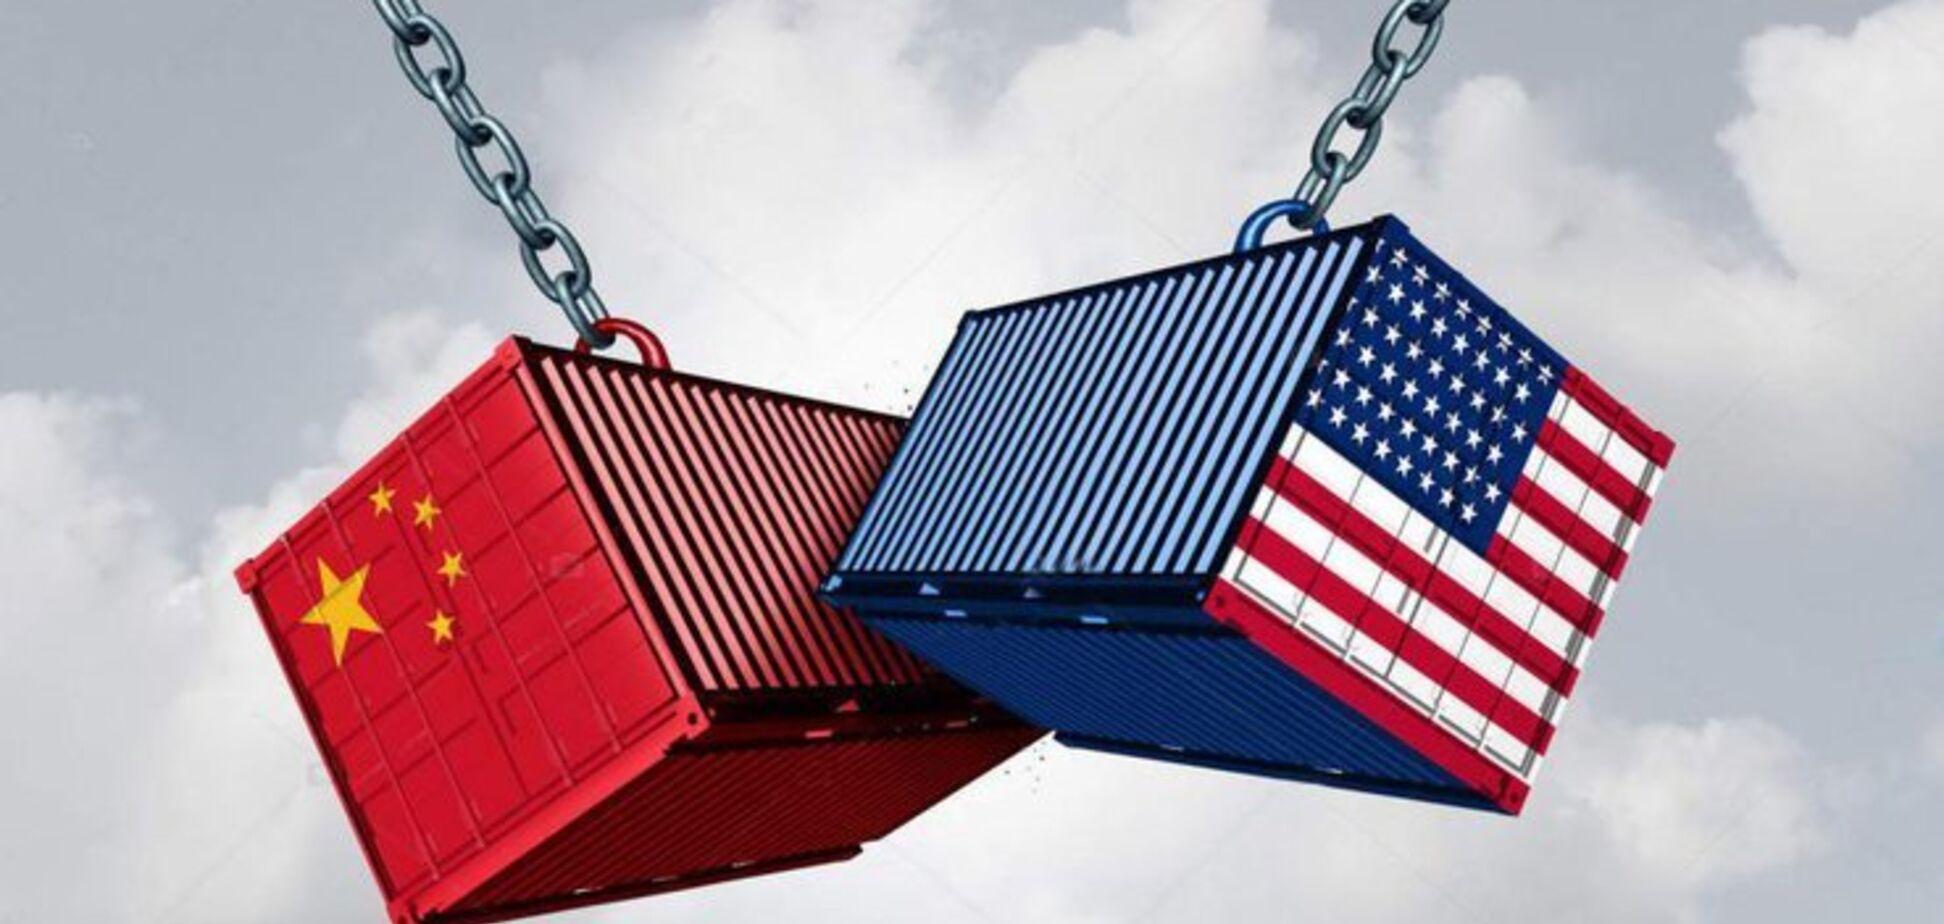 США против Китая: 1 сентября союзник Путина получит новый удар